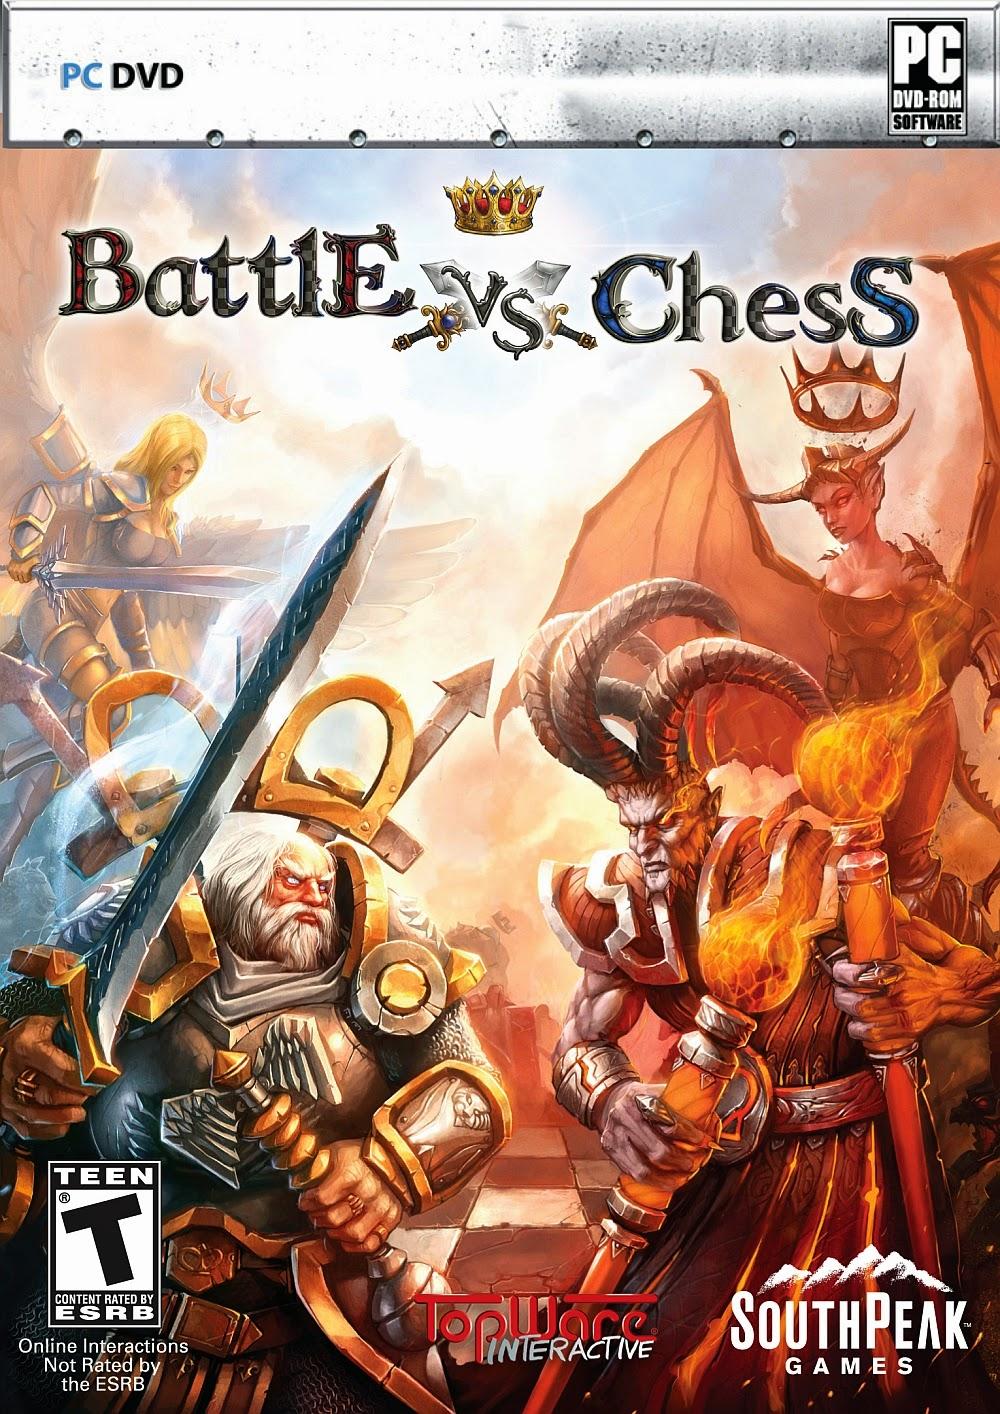 تحميل لعبة الشطرنج المجسمه والمتحركه Download Battle vs. Chess